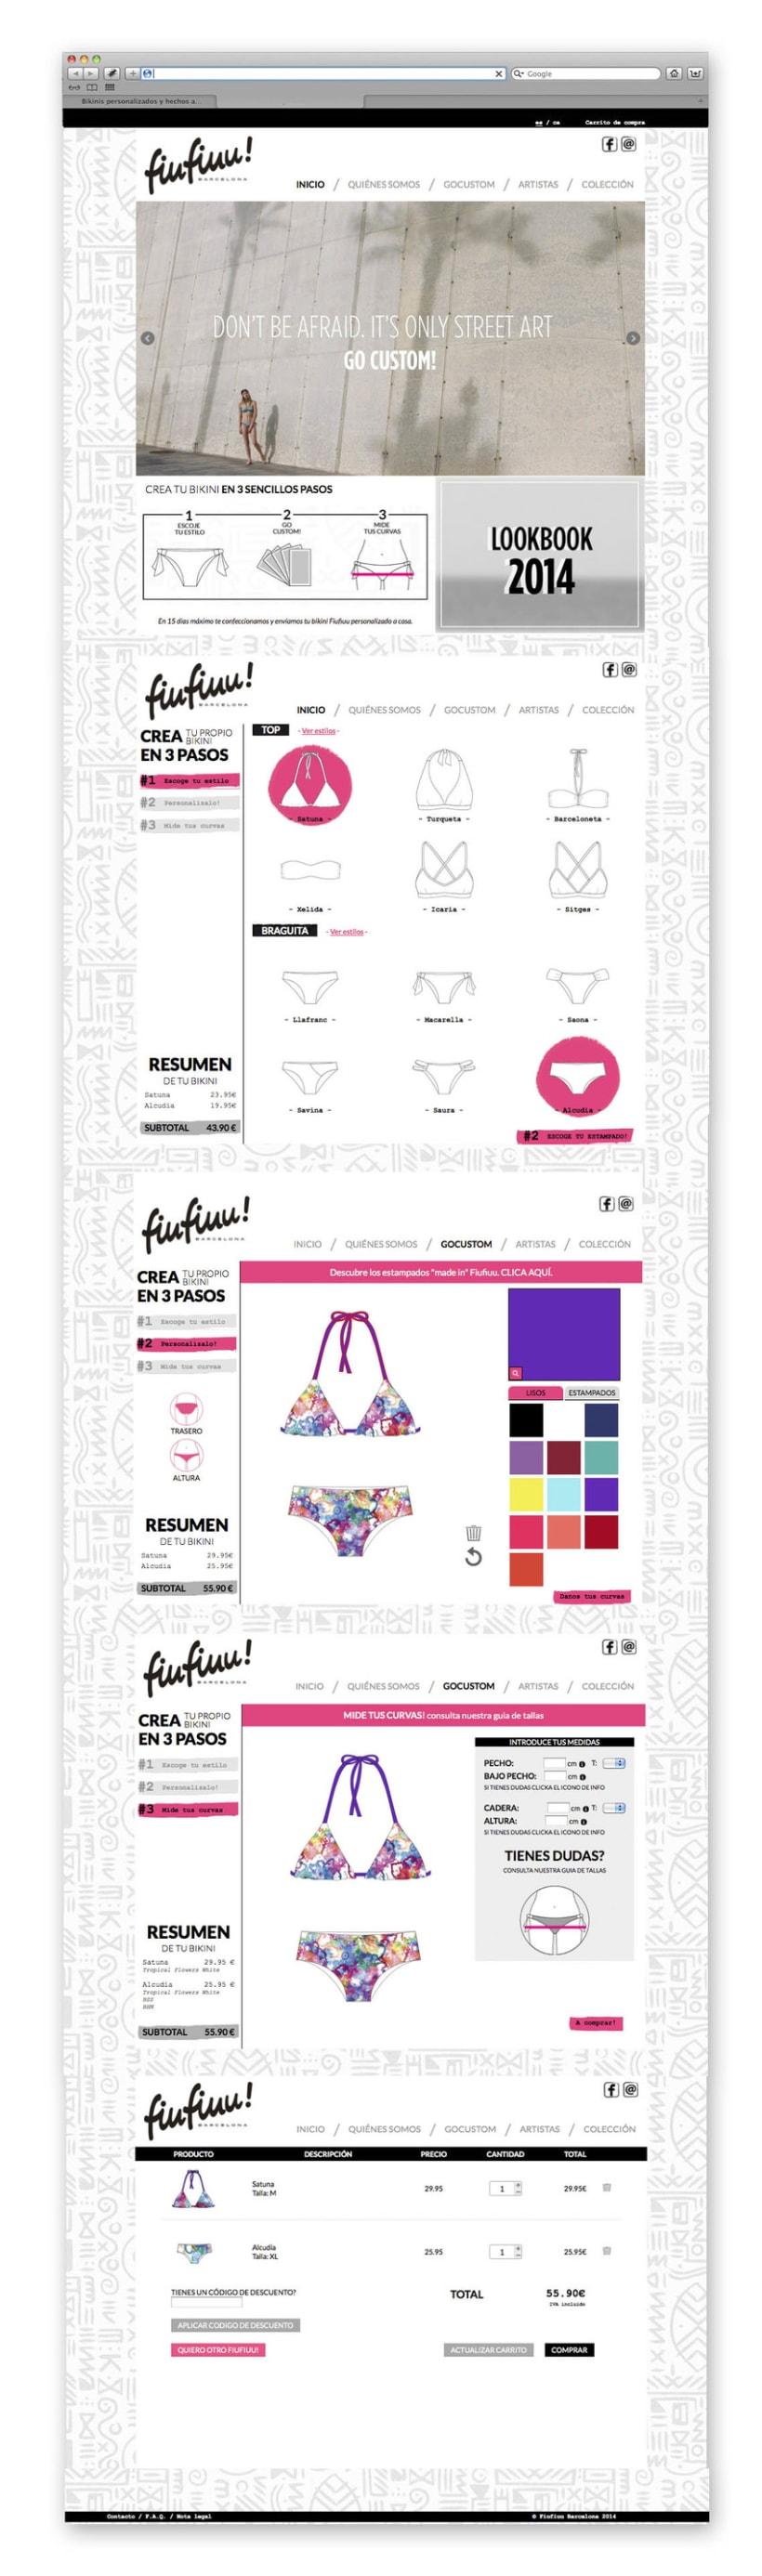 FIU FIUU BARCELONA_ swimwear design 3